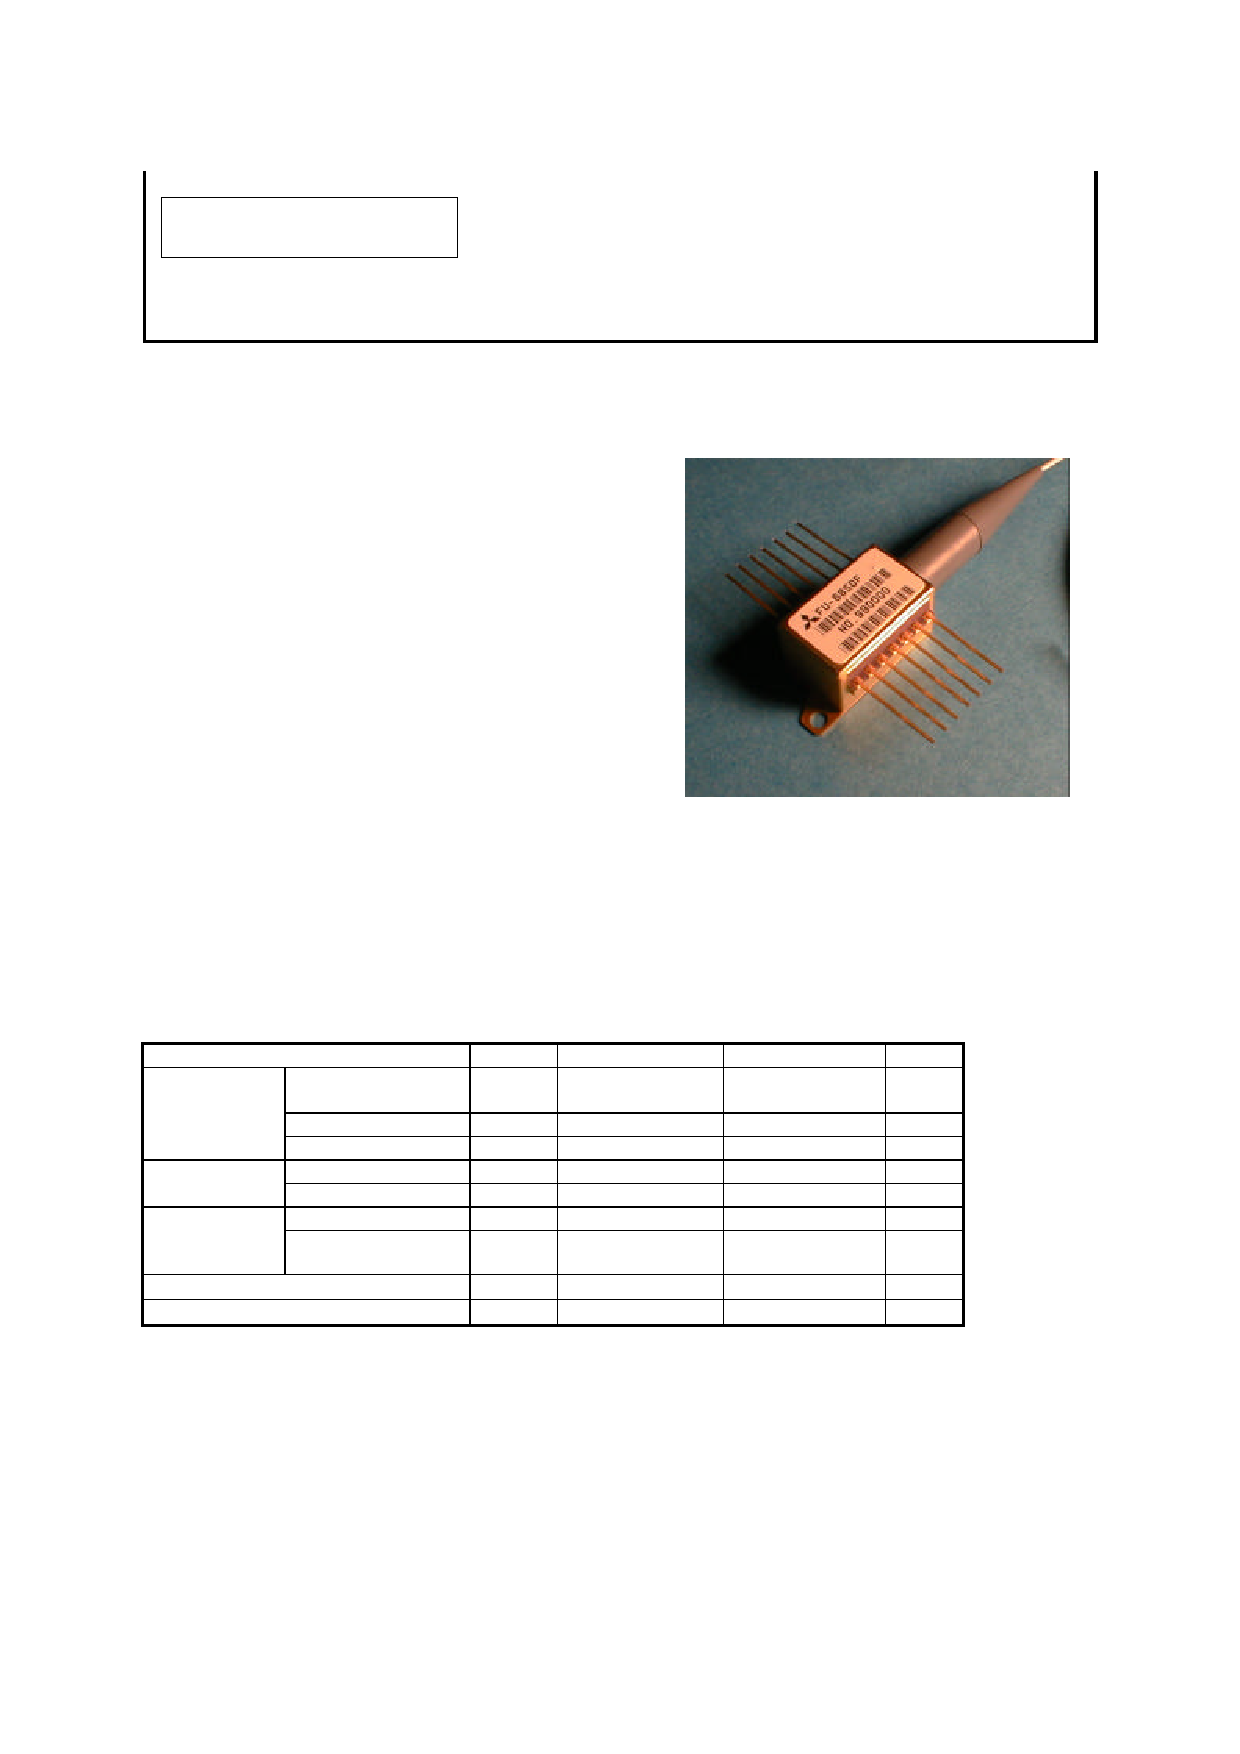 FU-68SDF-V810M147B دیتاشیت PDF